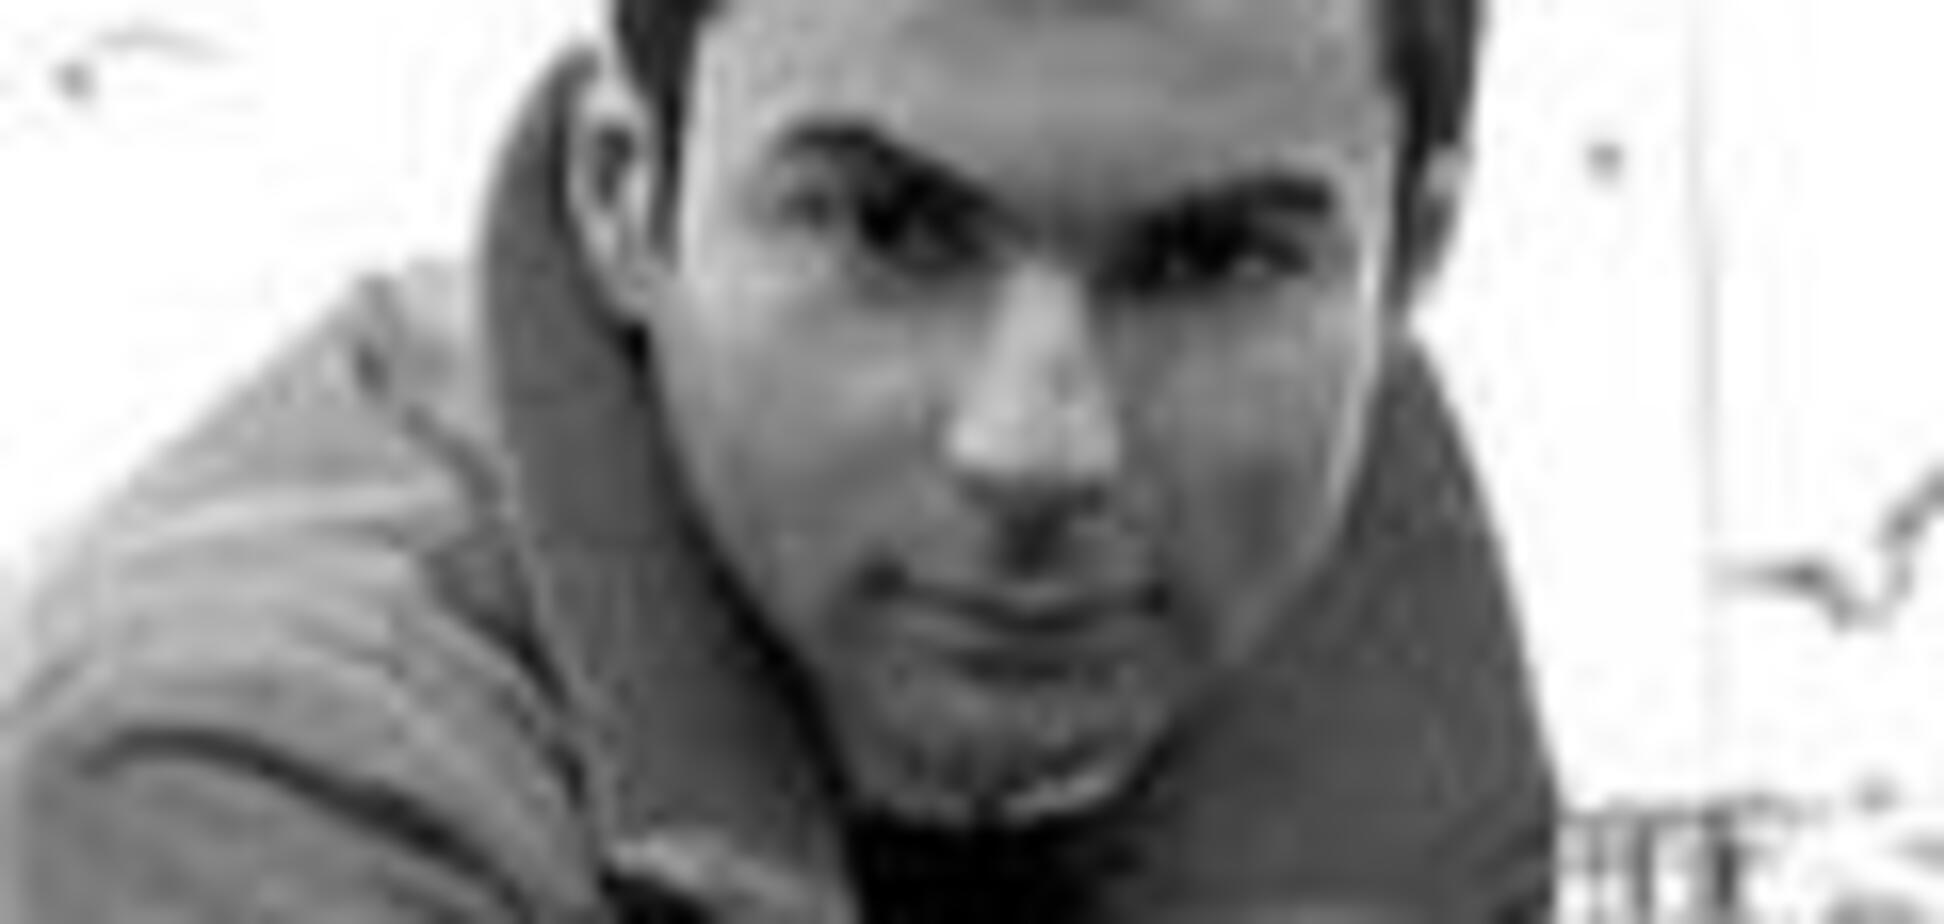 Розкрито гучне вбивство російського журналіста